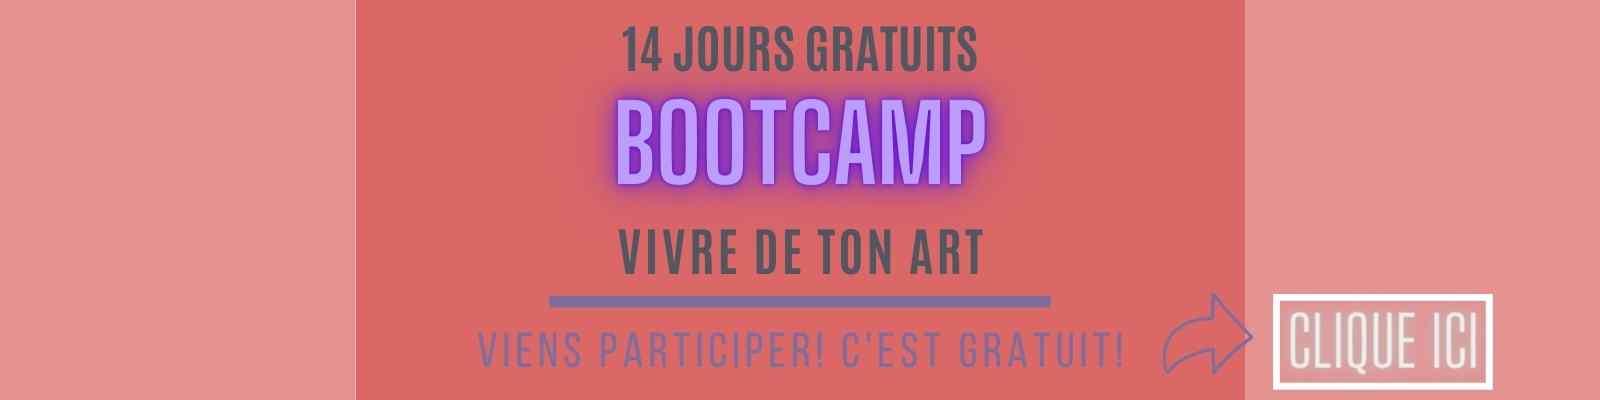 Bootcamp 14 jours formation gratuite pour vivre de ton art